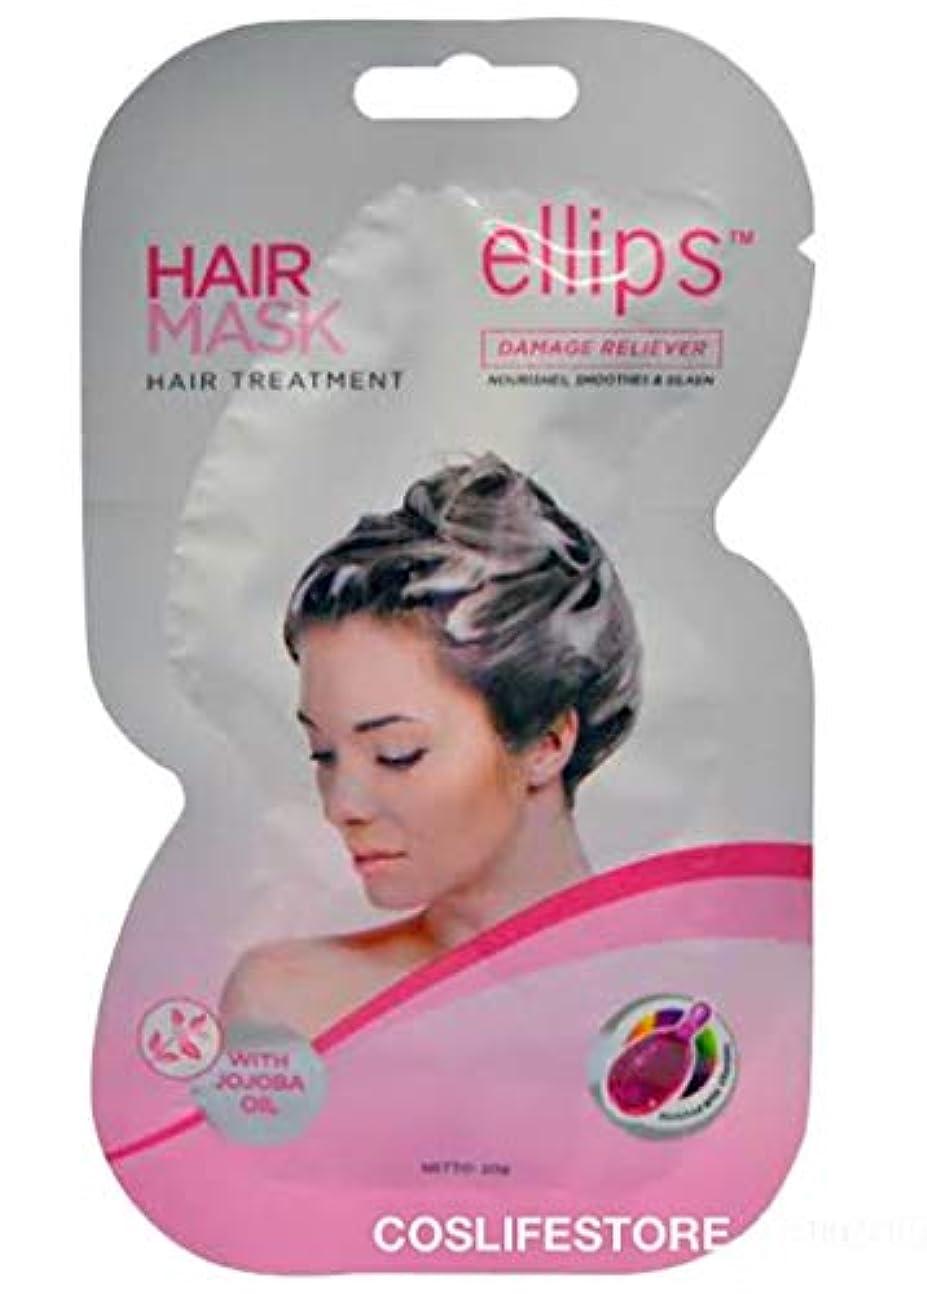 広告するペリスコープ方法論Ellips 髪のマスク - ヘアトリートメント、20グラム(10パック)